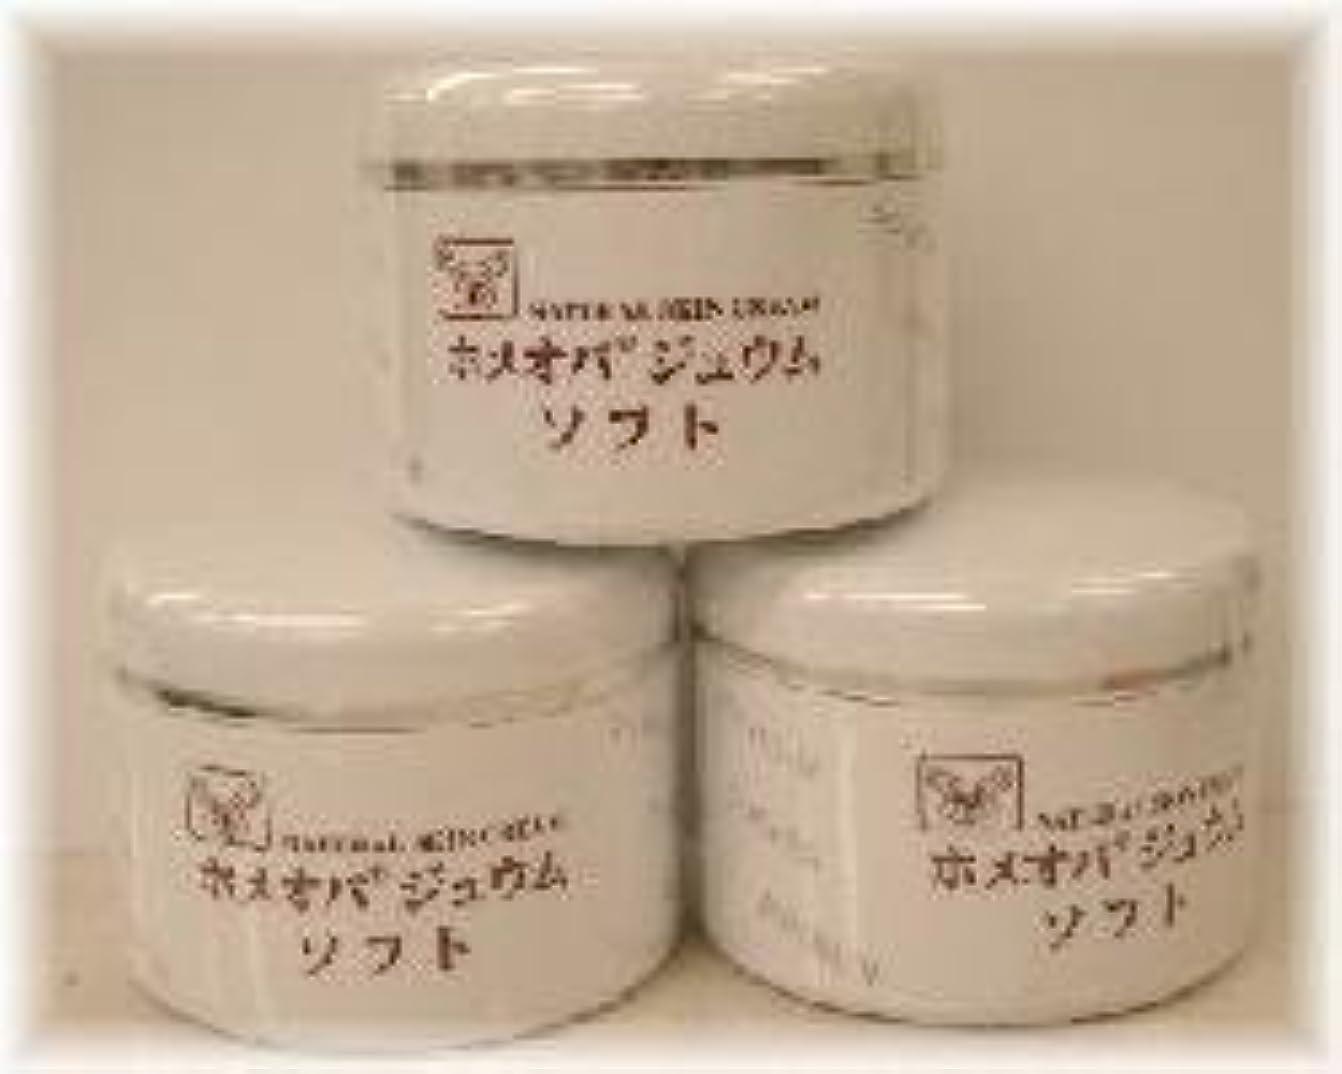 プーノ退化する所有権ホメオパジュウム スキンケア商品3点¥10500クリームソフトx3個